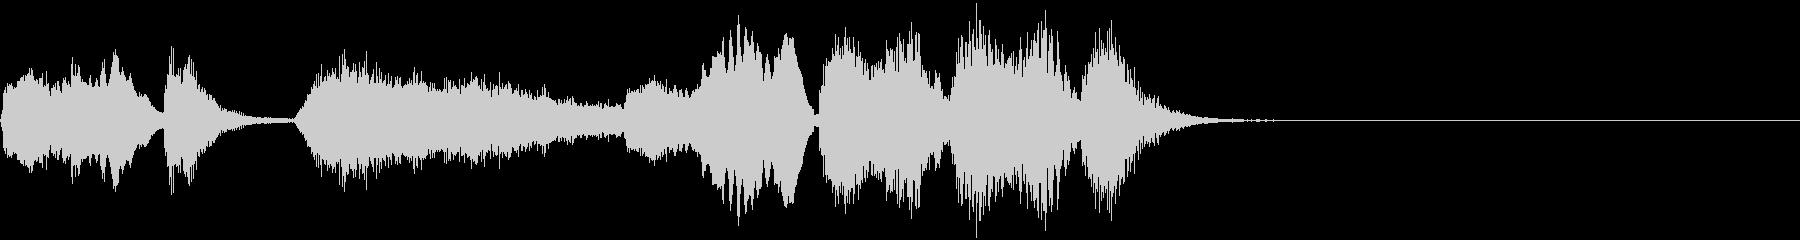 怪しくコミカルなジングルの未再生の波形